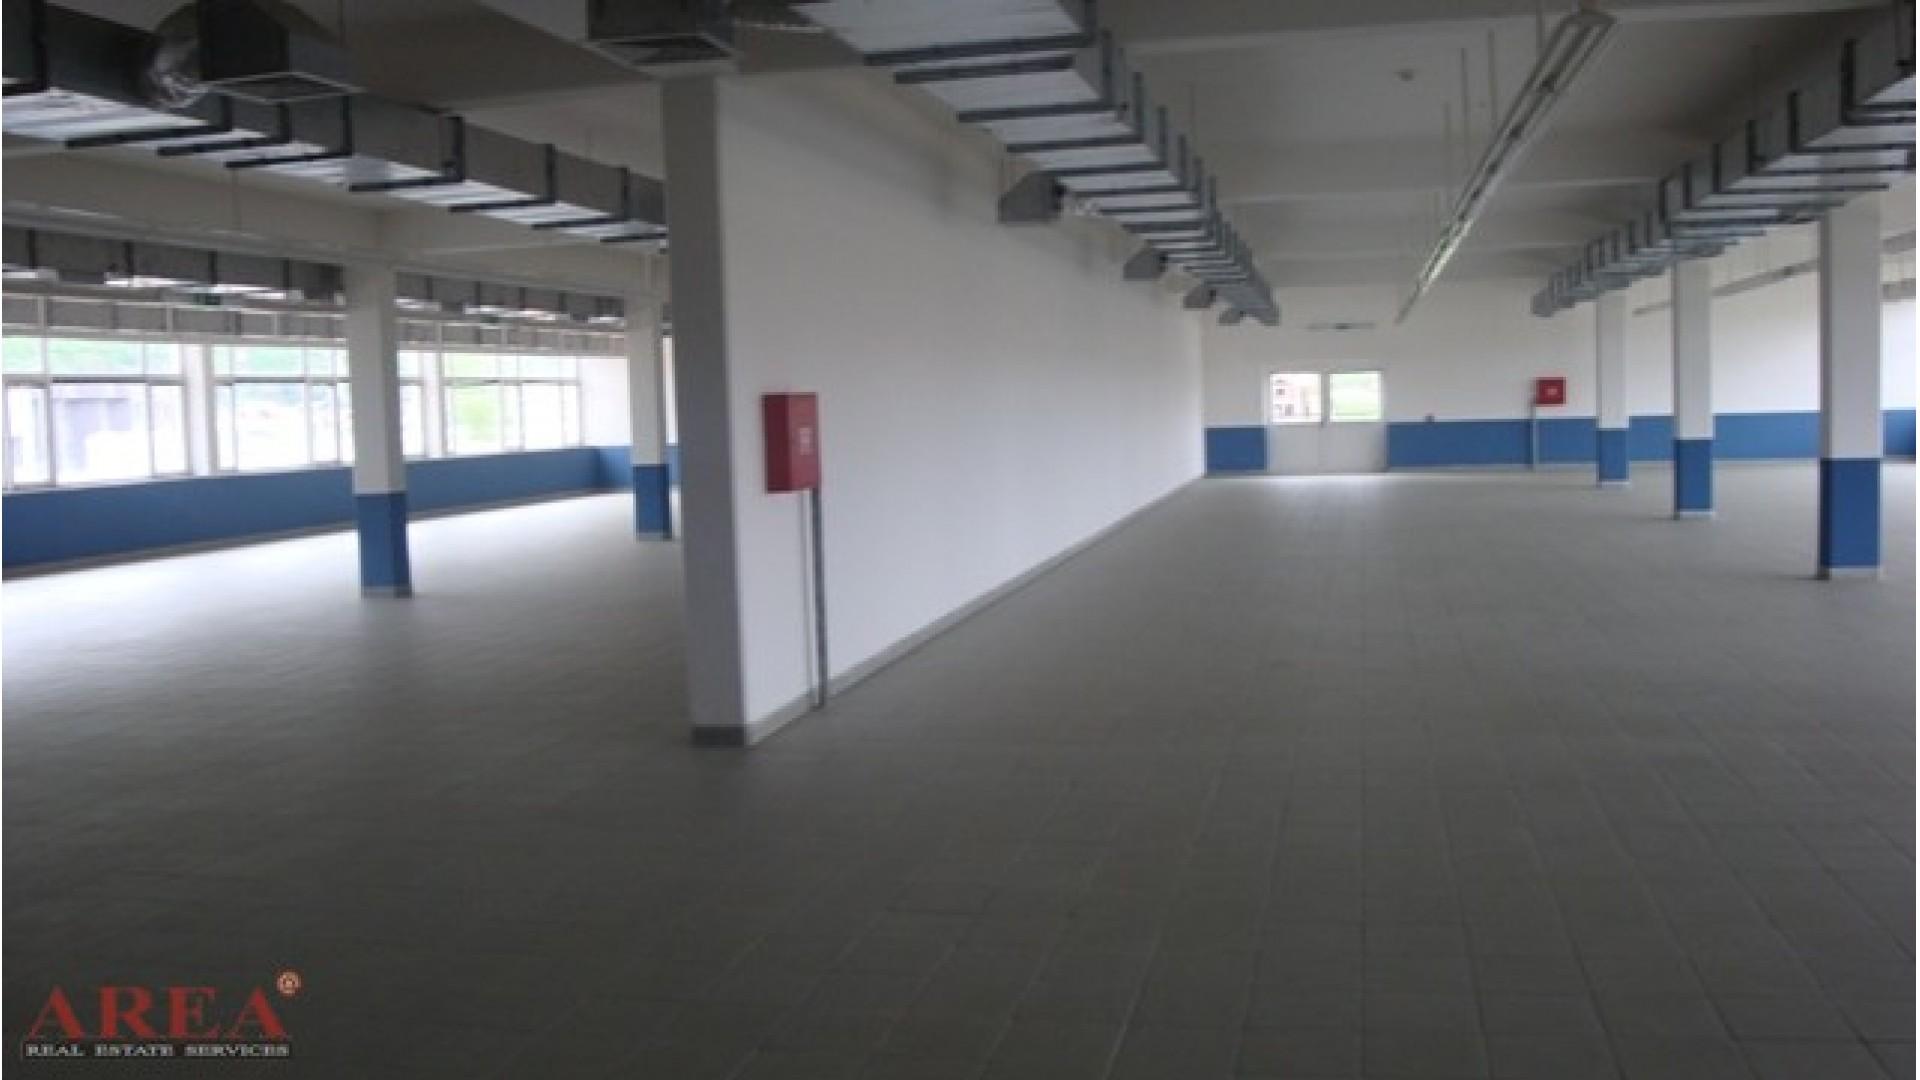 Poslovno skladišno proizvodni prostor Osijek